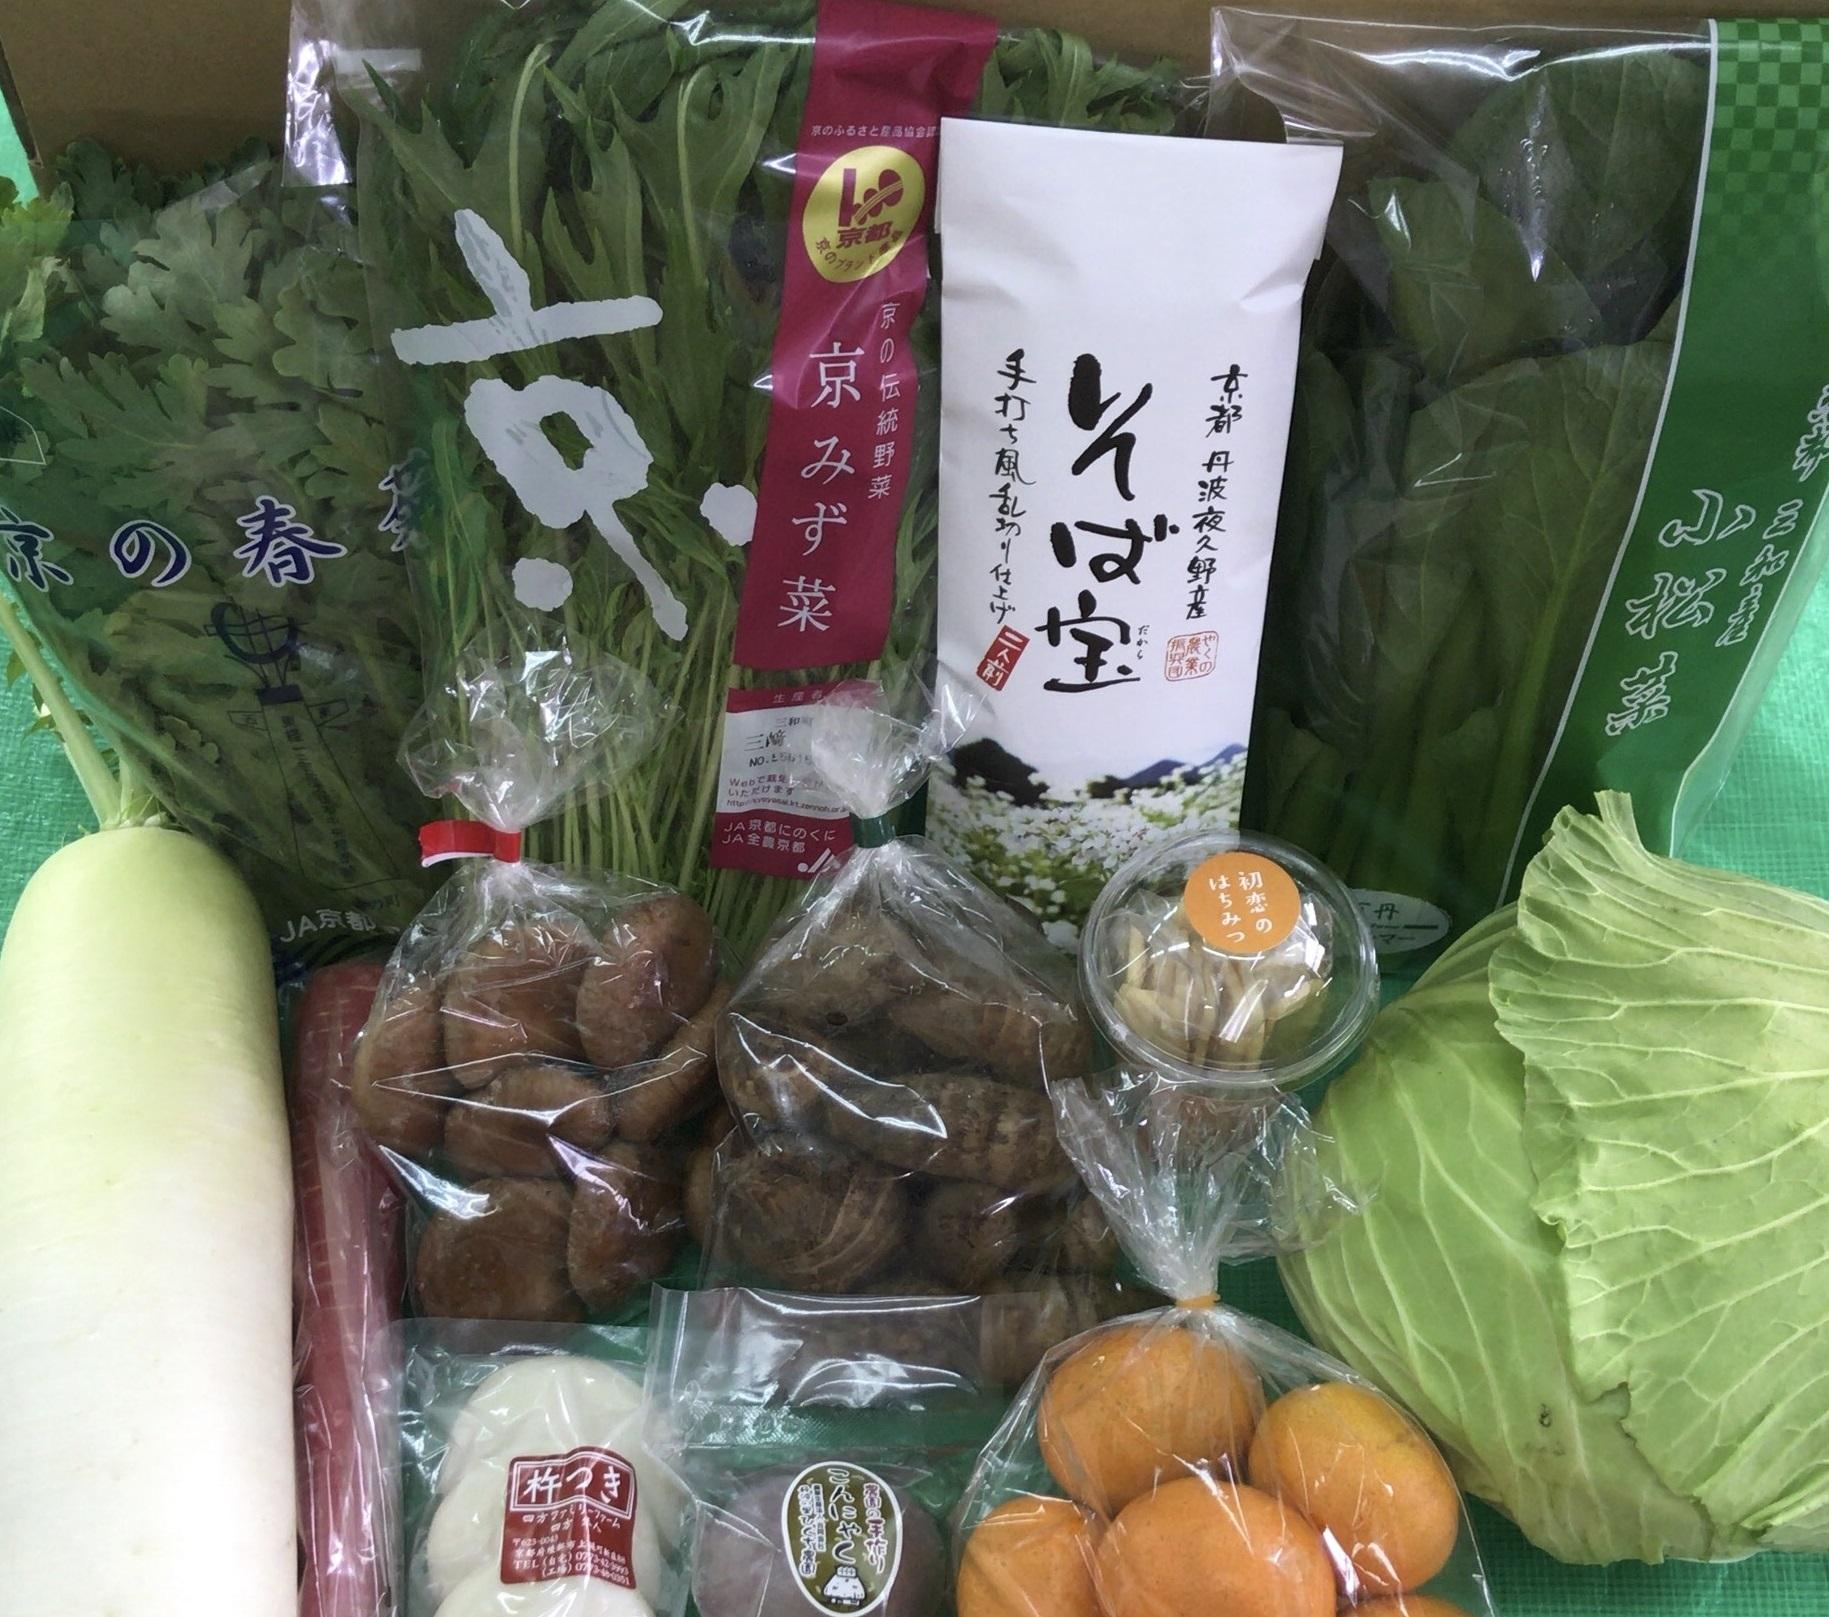 さいさいくらぶE(丹の国茶、紫ずきん、野菜・加工品詰め合わせセット)